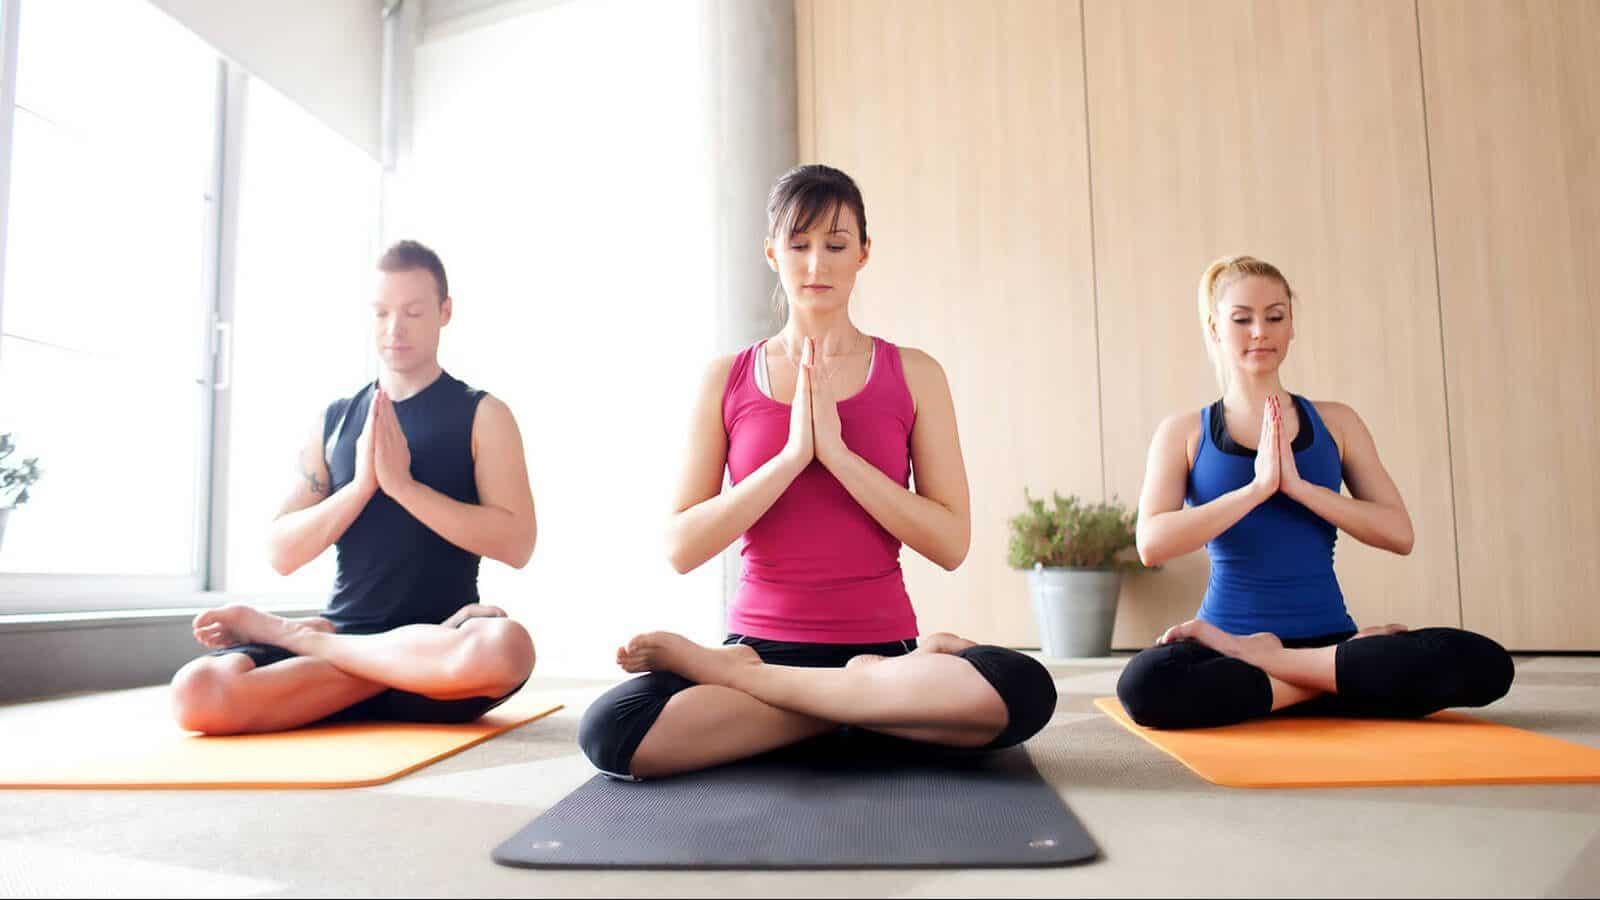 Nguyên tắc bắt buộc cho người mới tập yoga